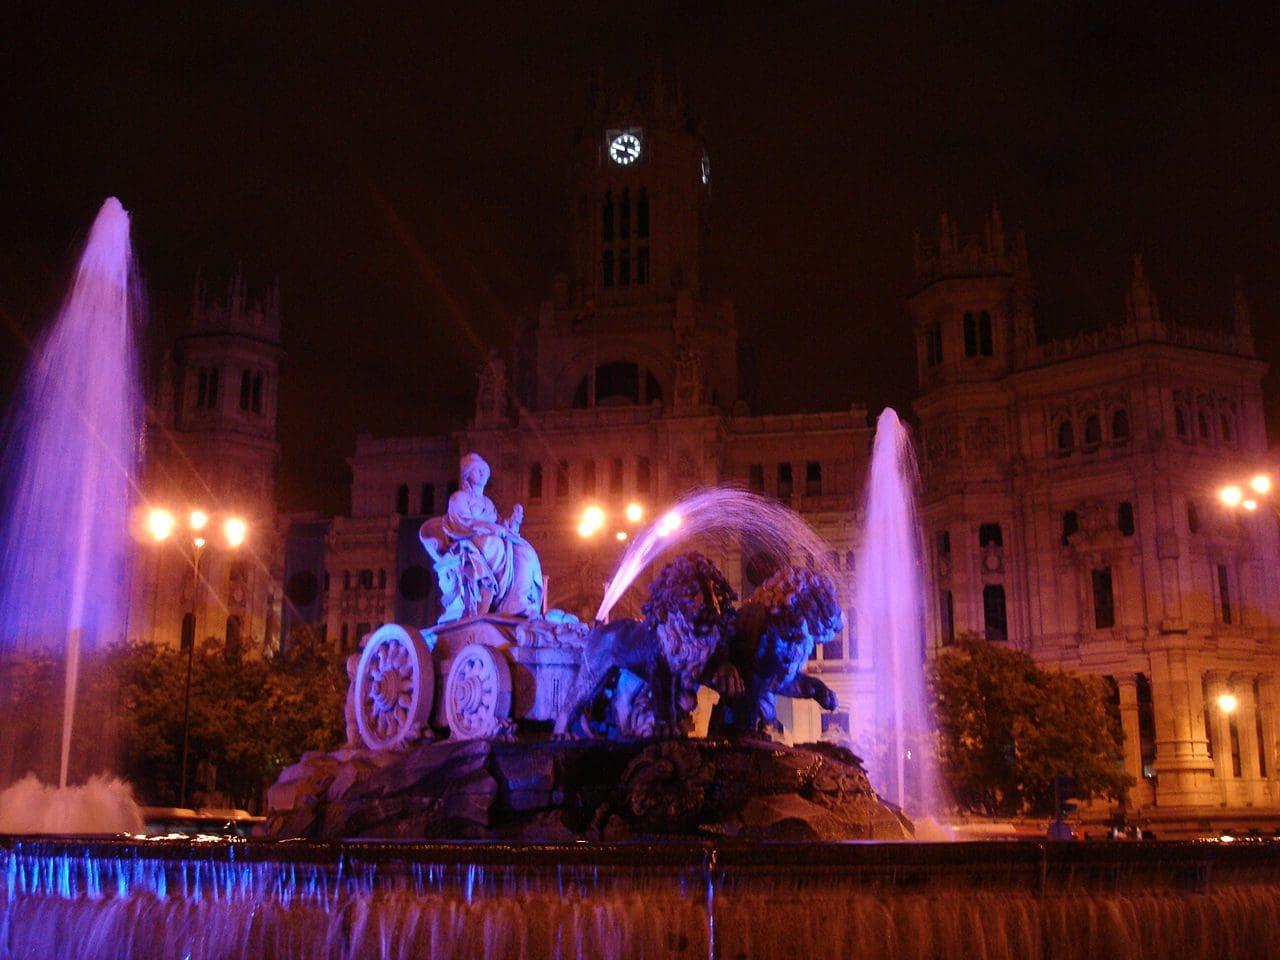 Mejores lugares turisticos en madrid for Sitios turisticos de madrid espana